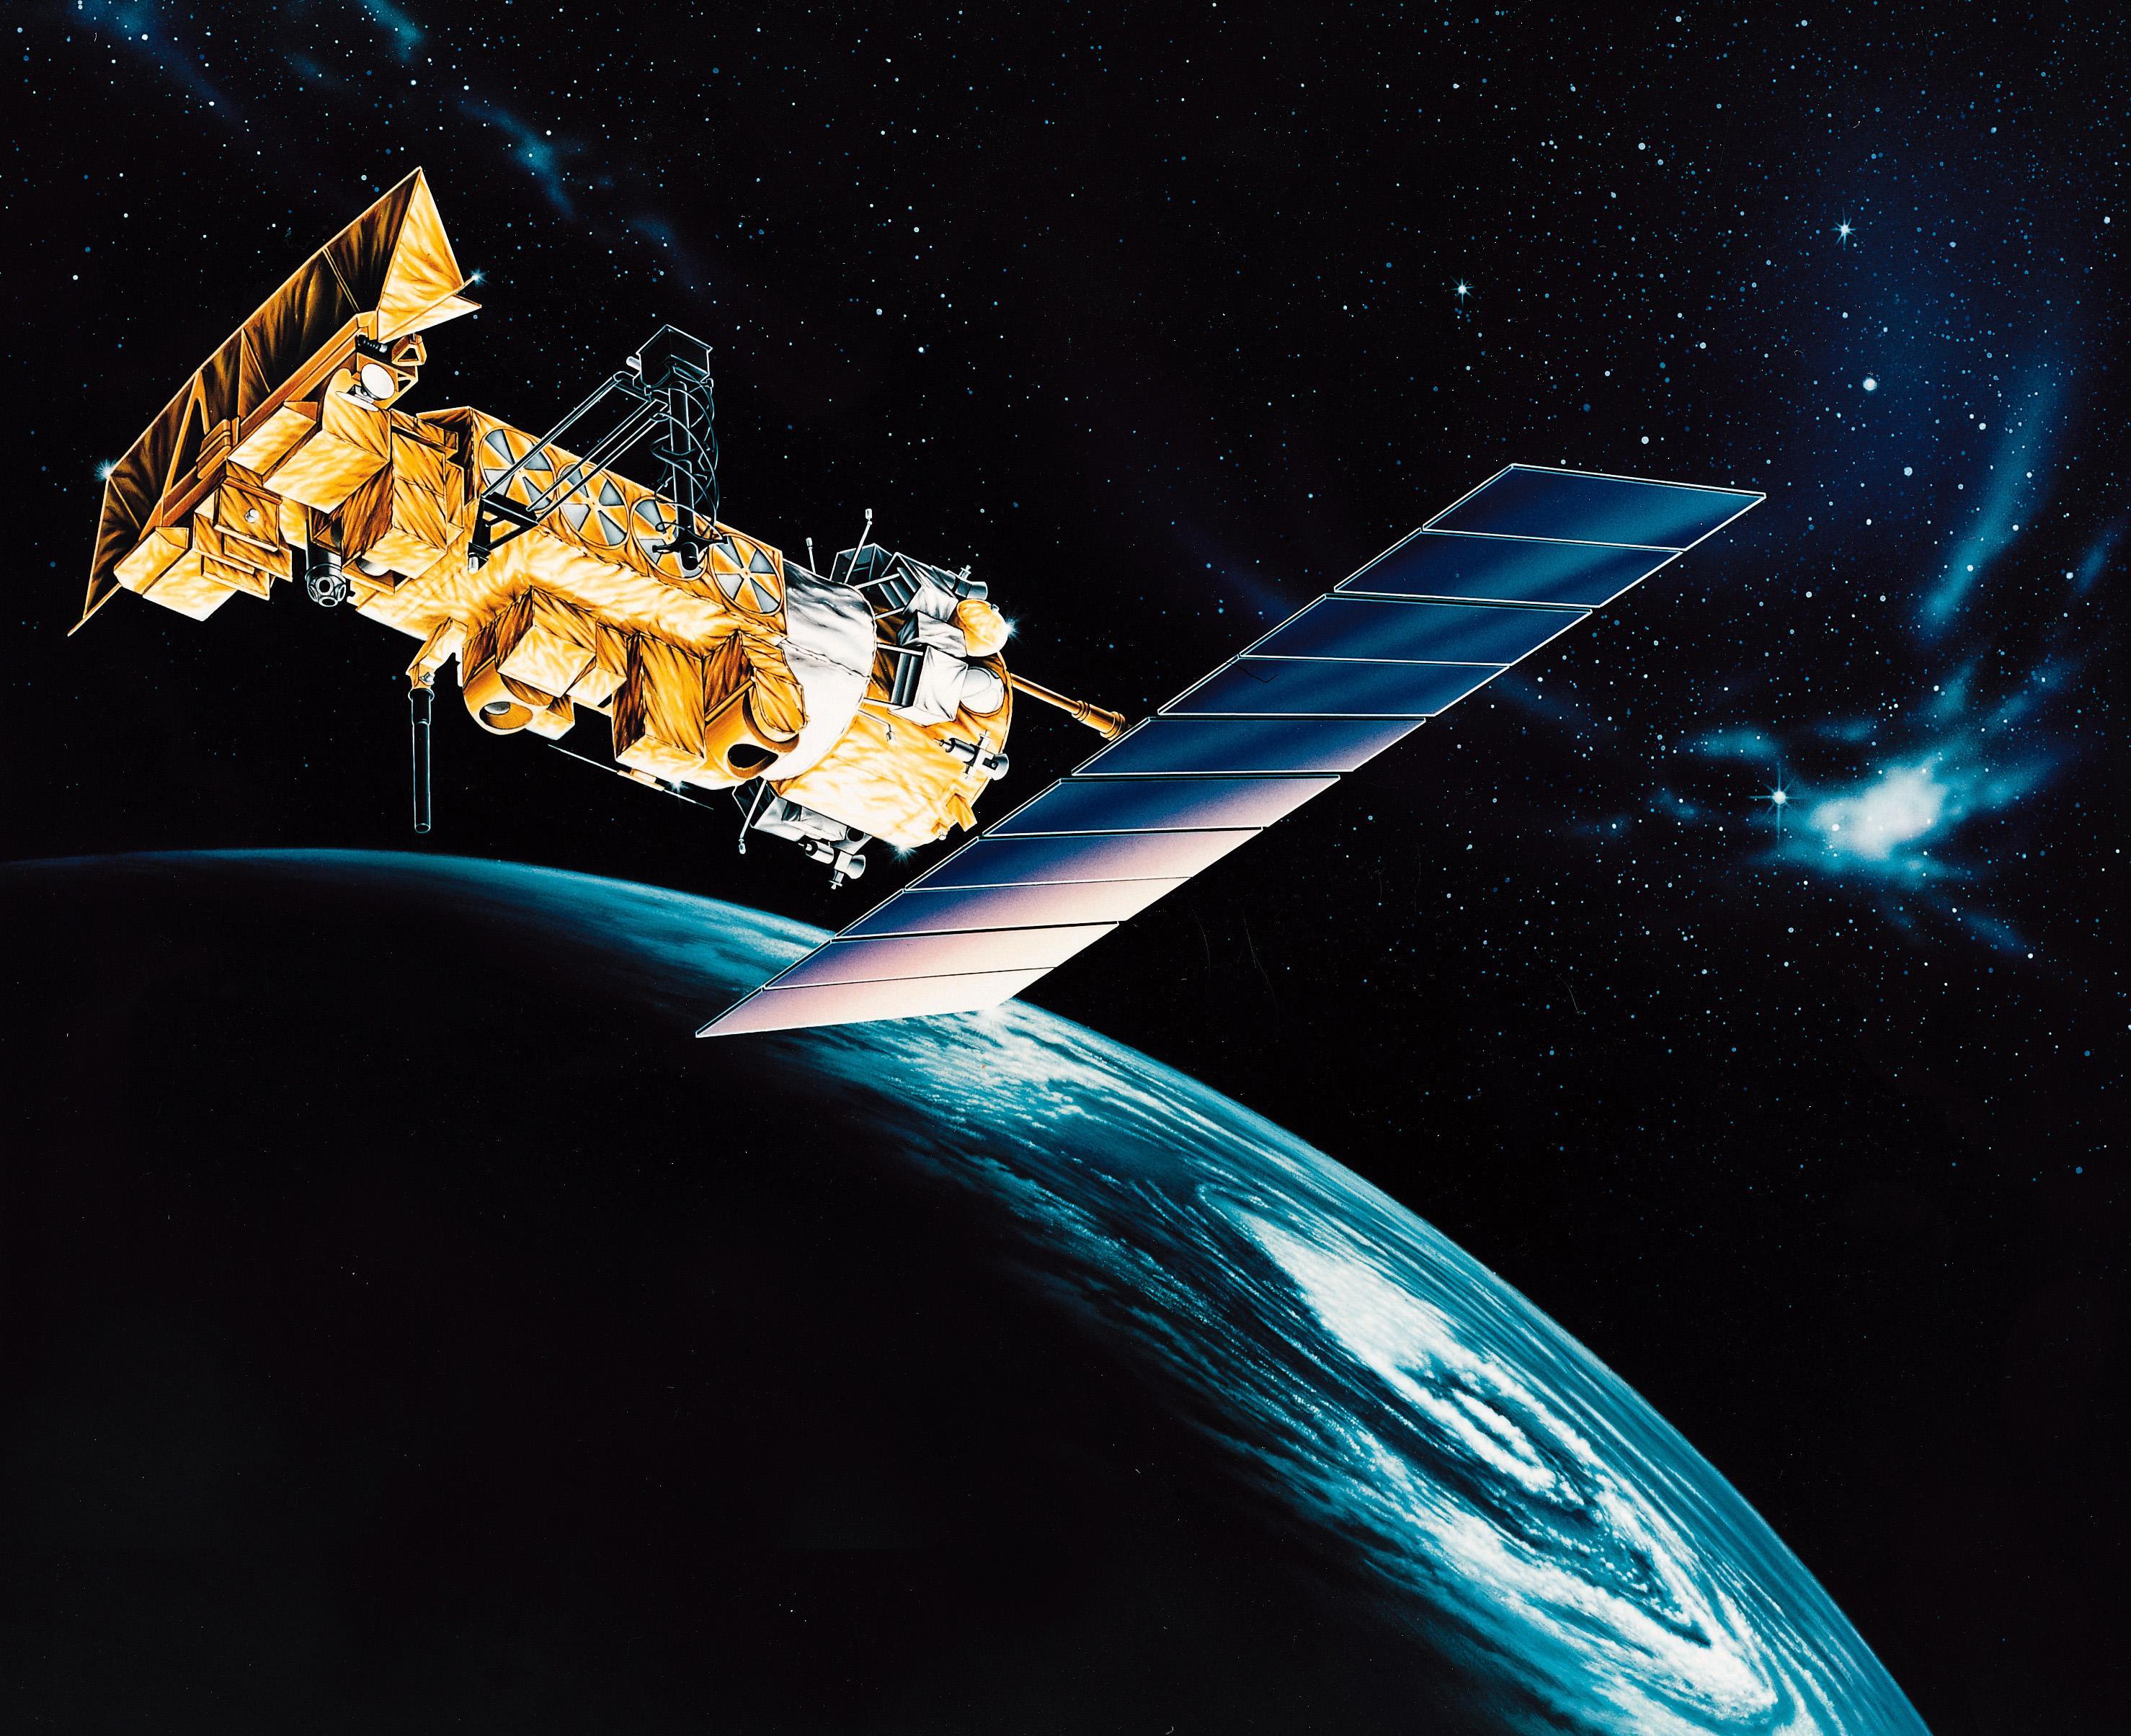 NOAA Satellite